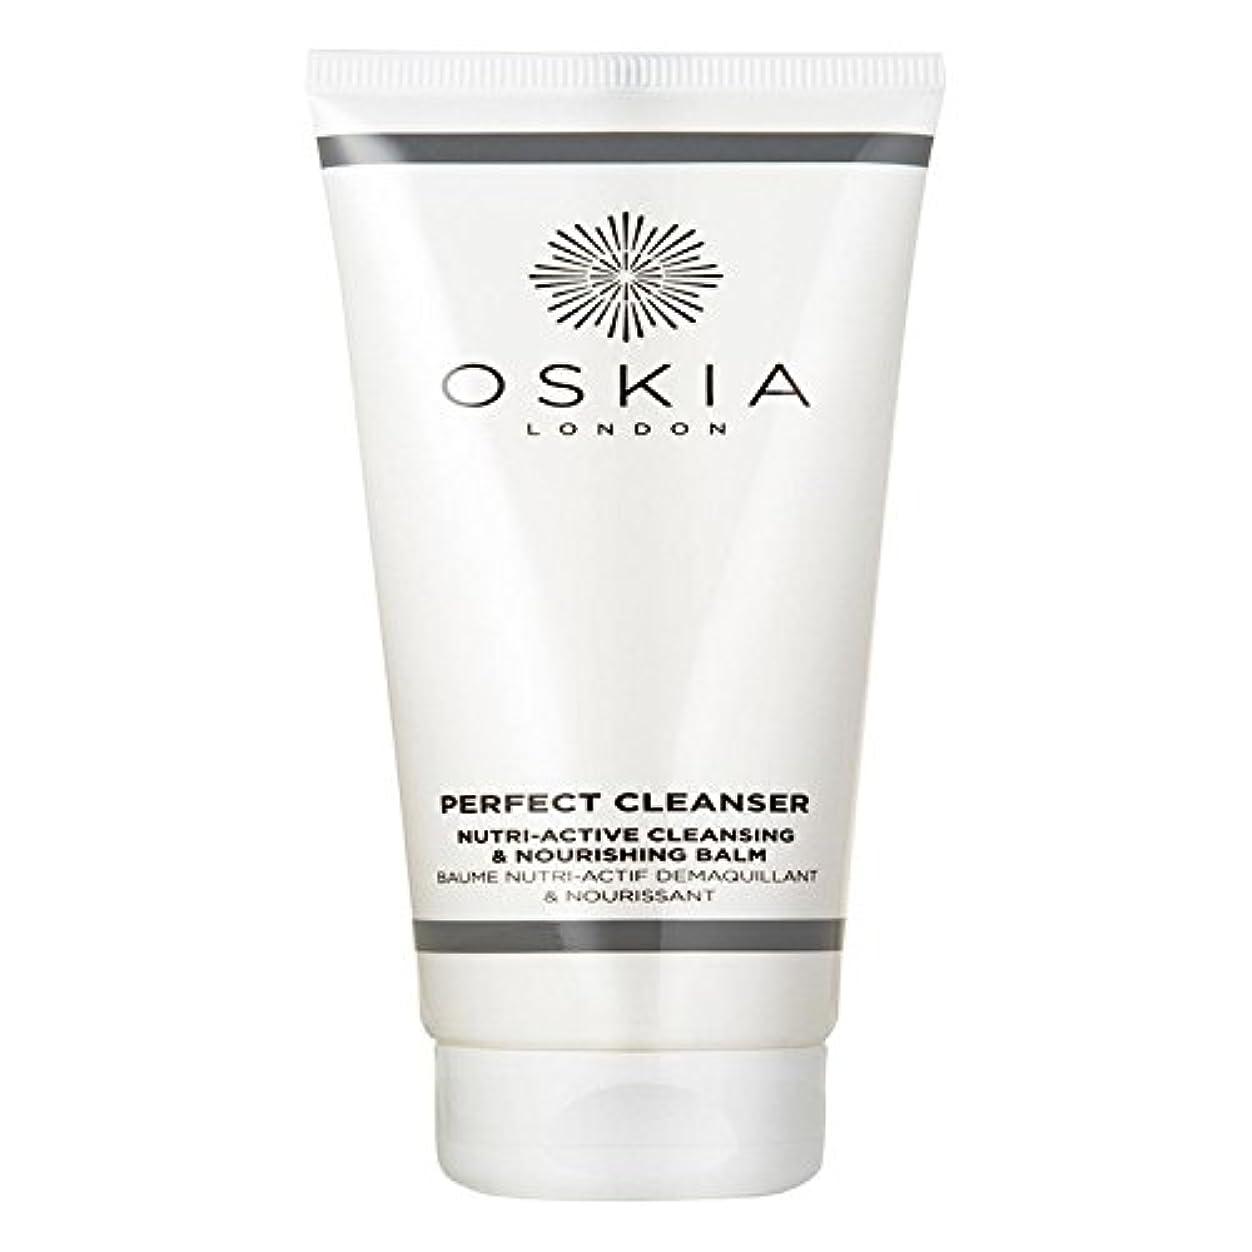 没頭するサークル血完璧なクレンザー125ミリリットル x2 - OSKIA Perfect Cleanser 125ml (Pack of 2) [並行輸入品]